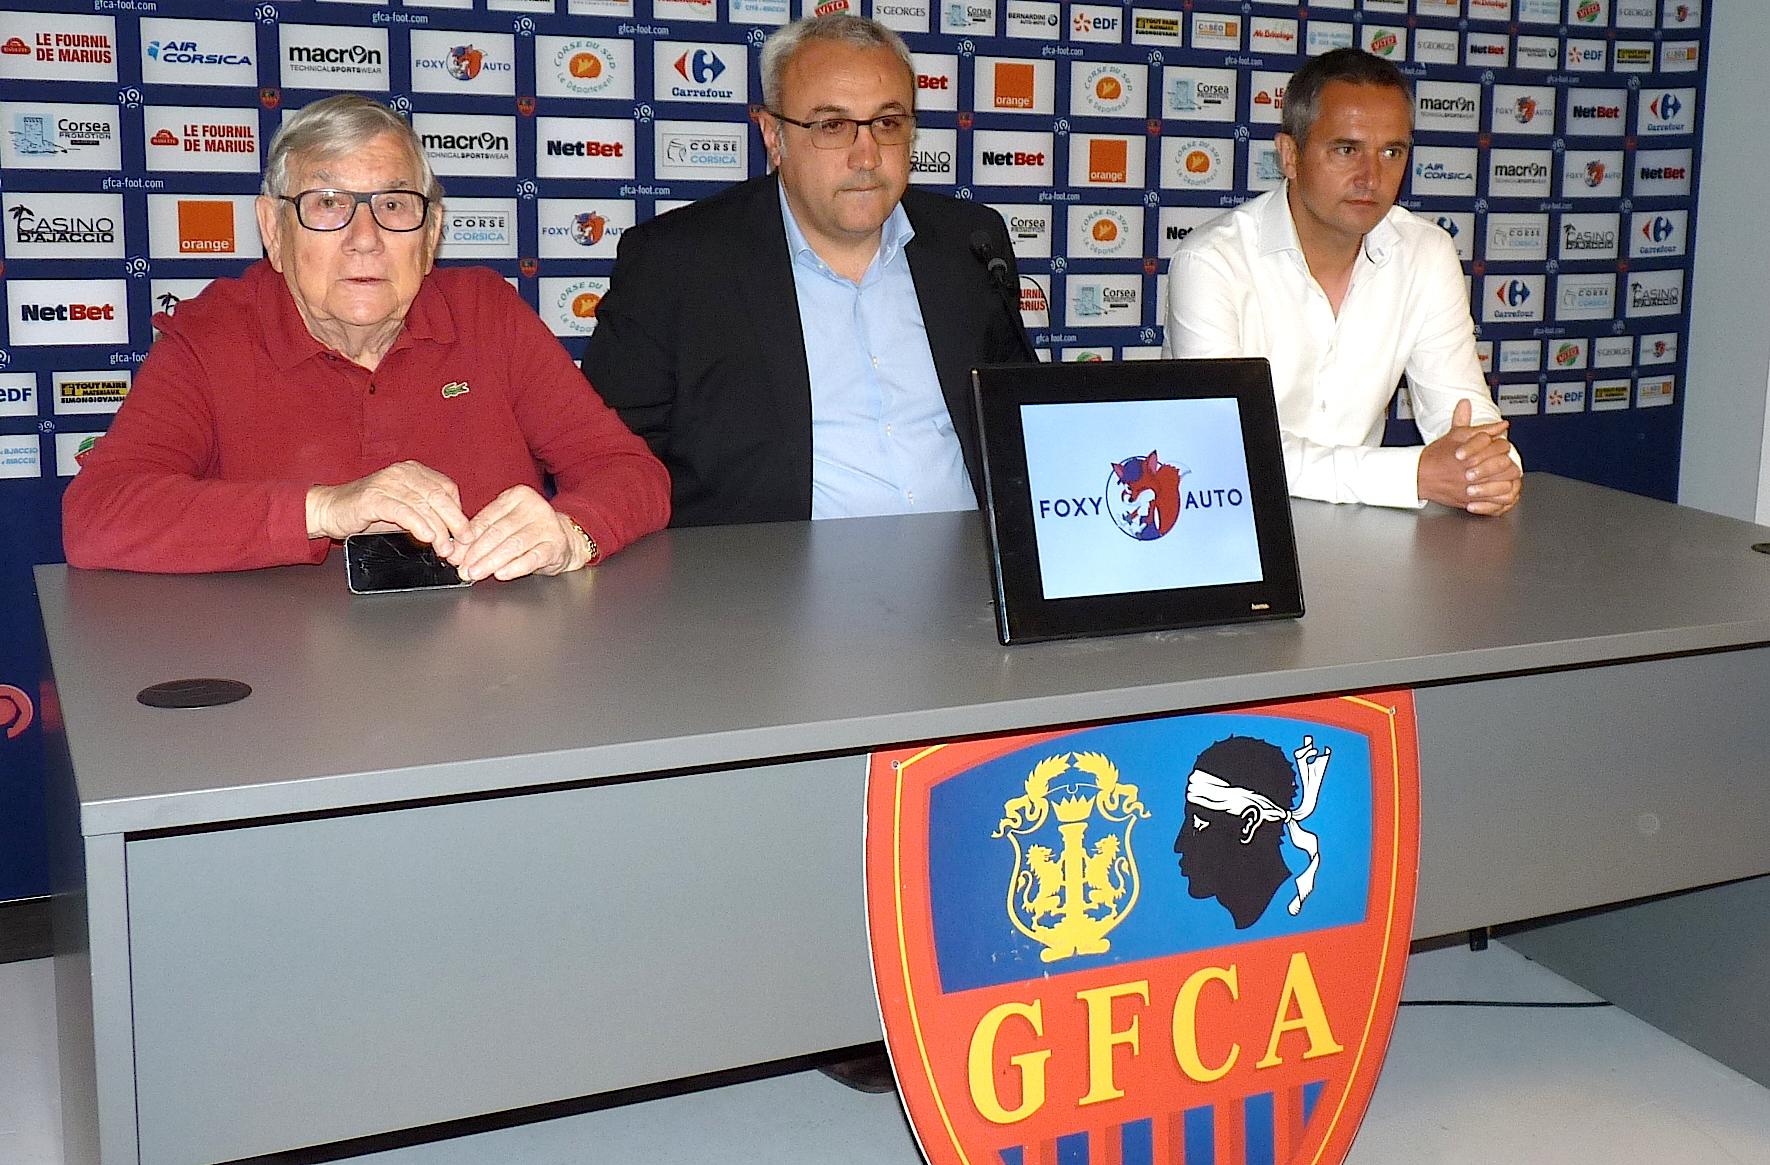 GFCA : Jean-Luc Vannuchi succède à Thierry Laurey